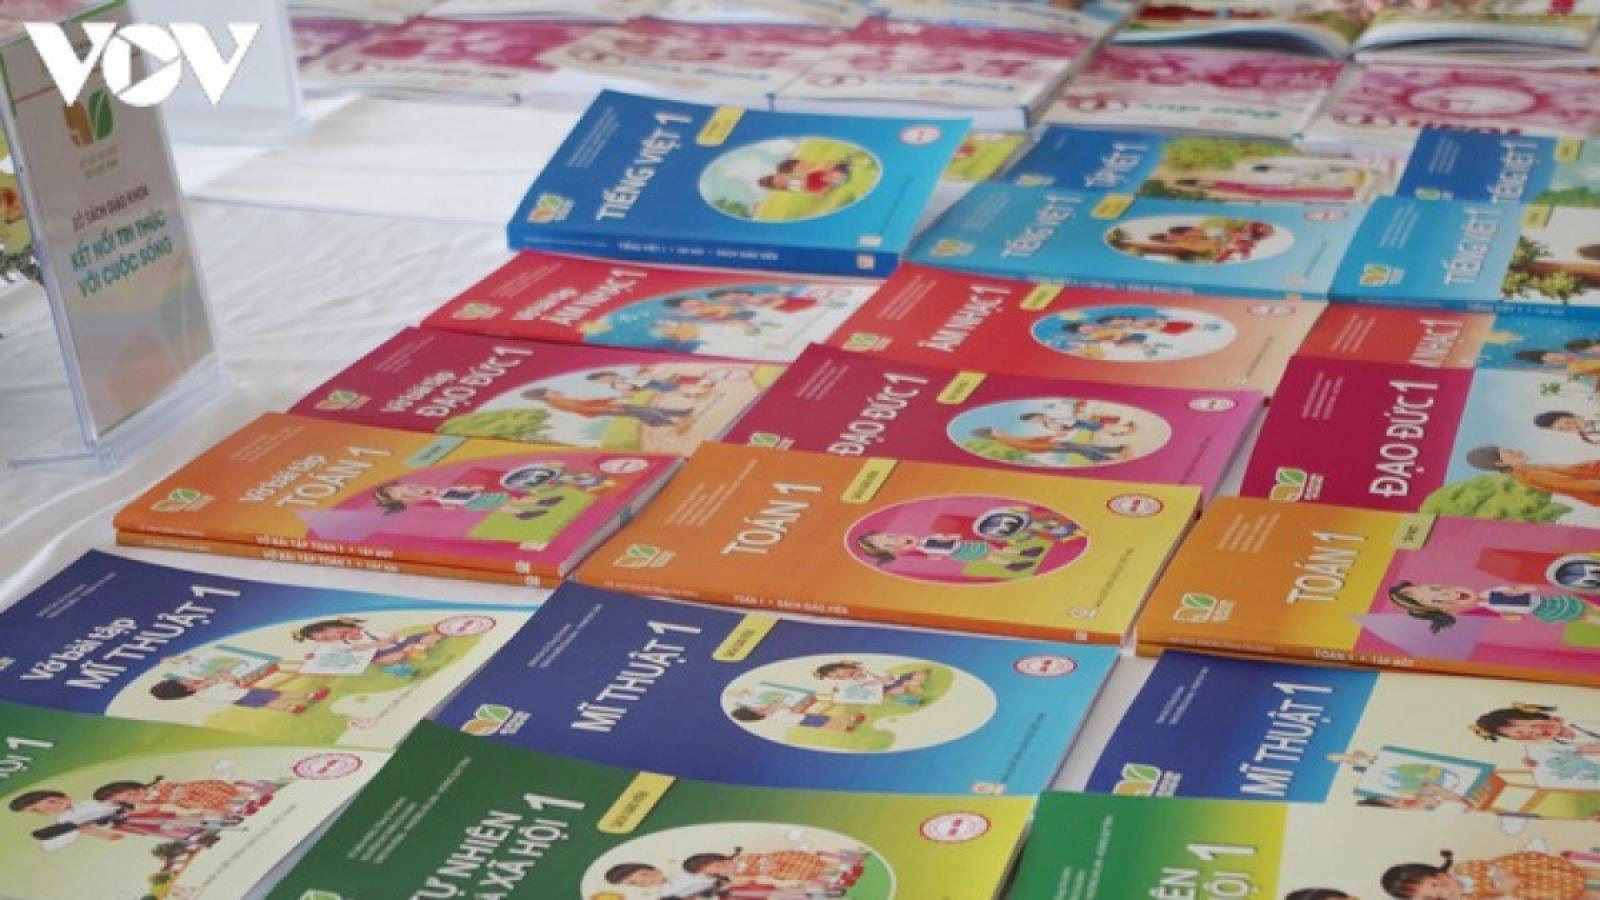 Giãn cách xã hội, phụ huynh chật vật tìm sách giáo khoa cho con